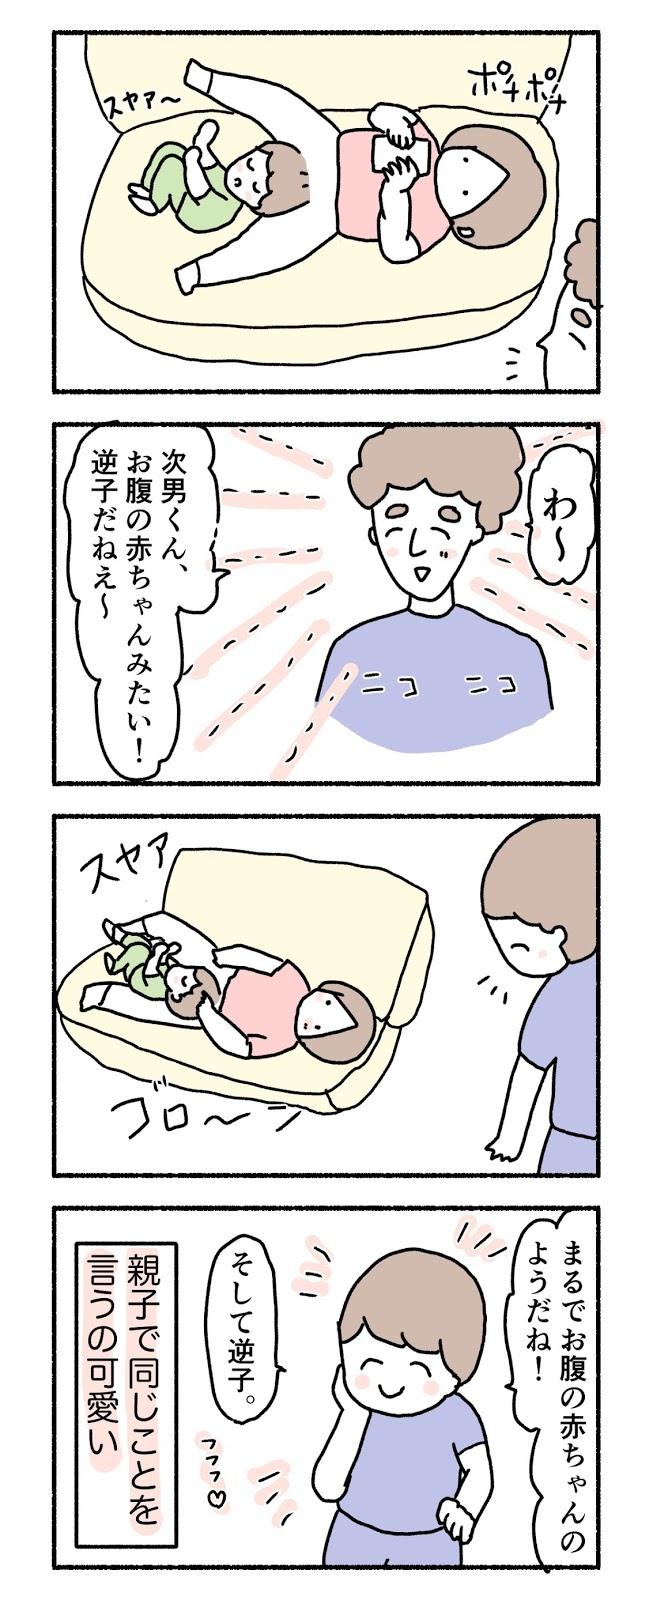 夫と長男が母の側で寝る2歳を逆子の赤ちゃんのようだと言う4コマ漫画